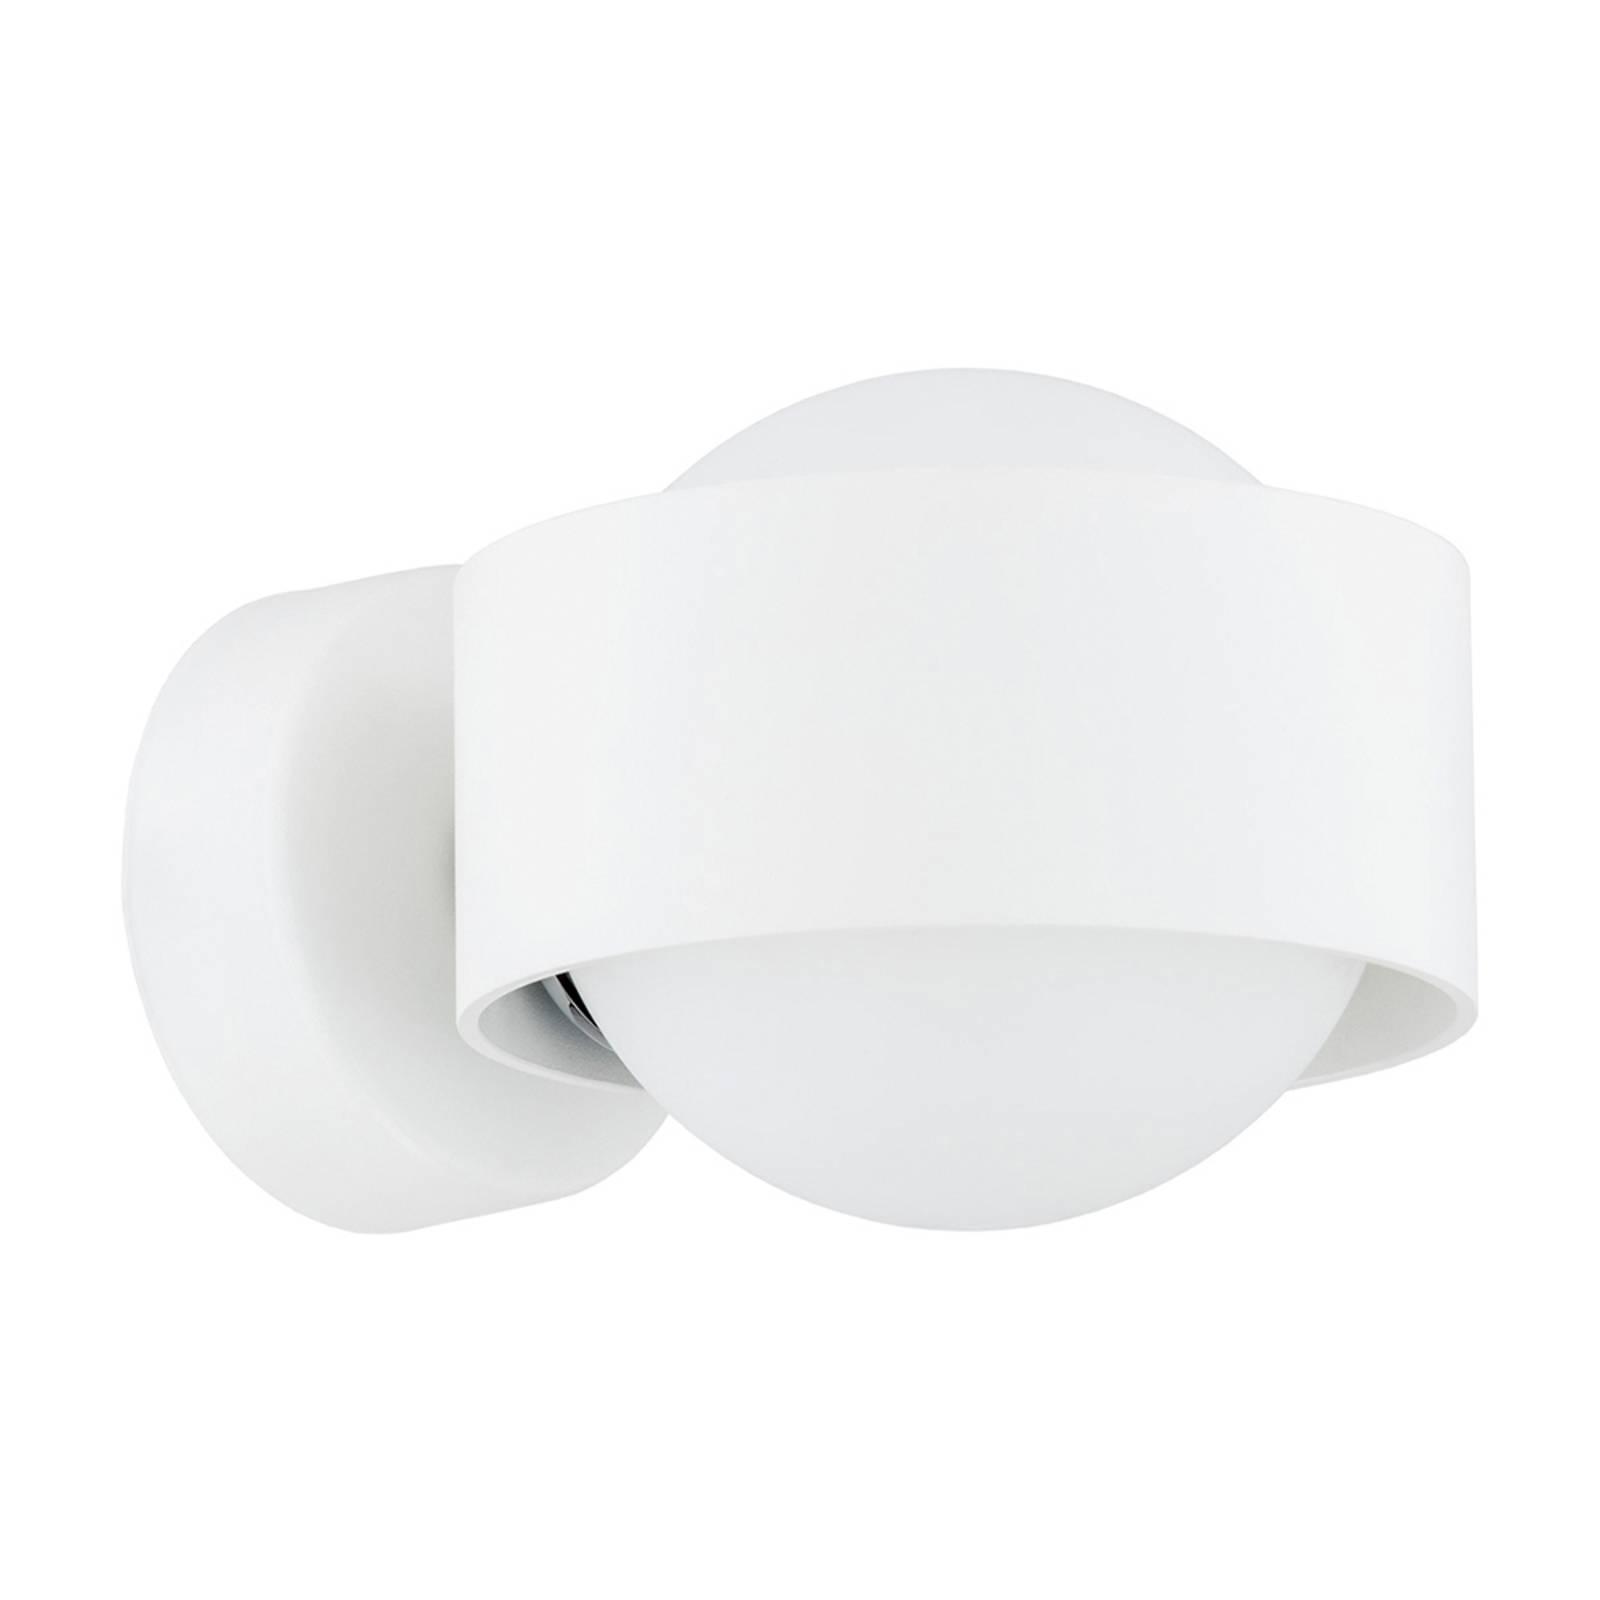 Kylpyhuoneen LED-seinälamppu Macedo, valkoinen